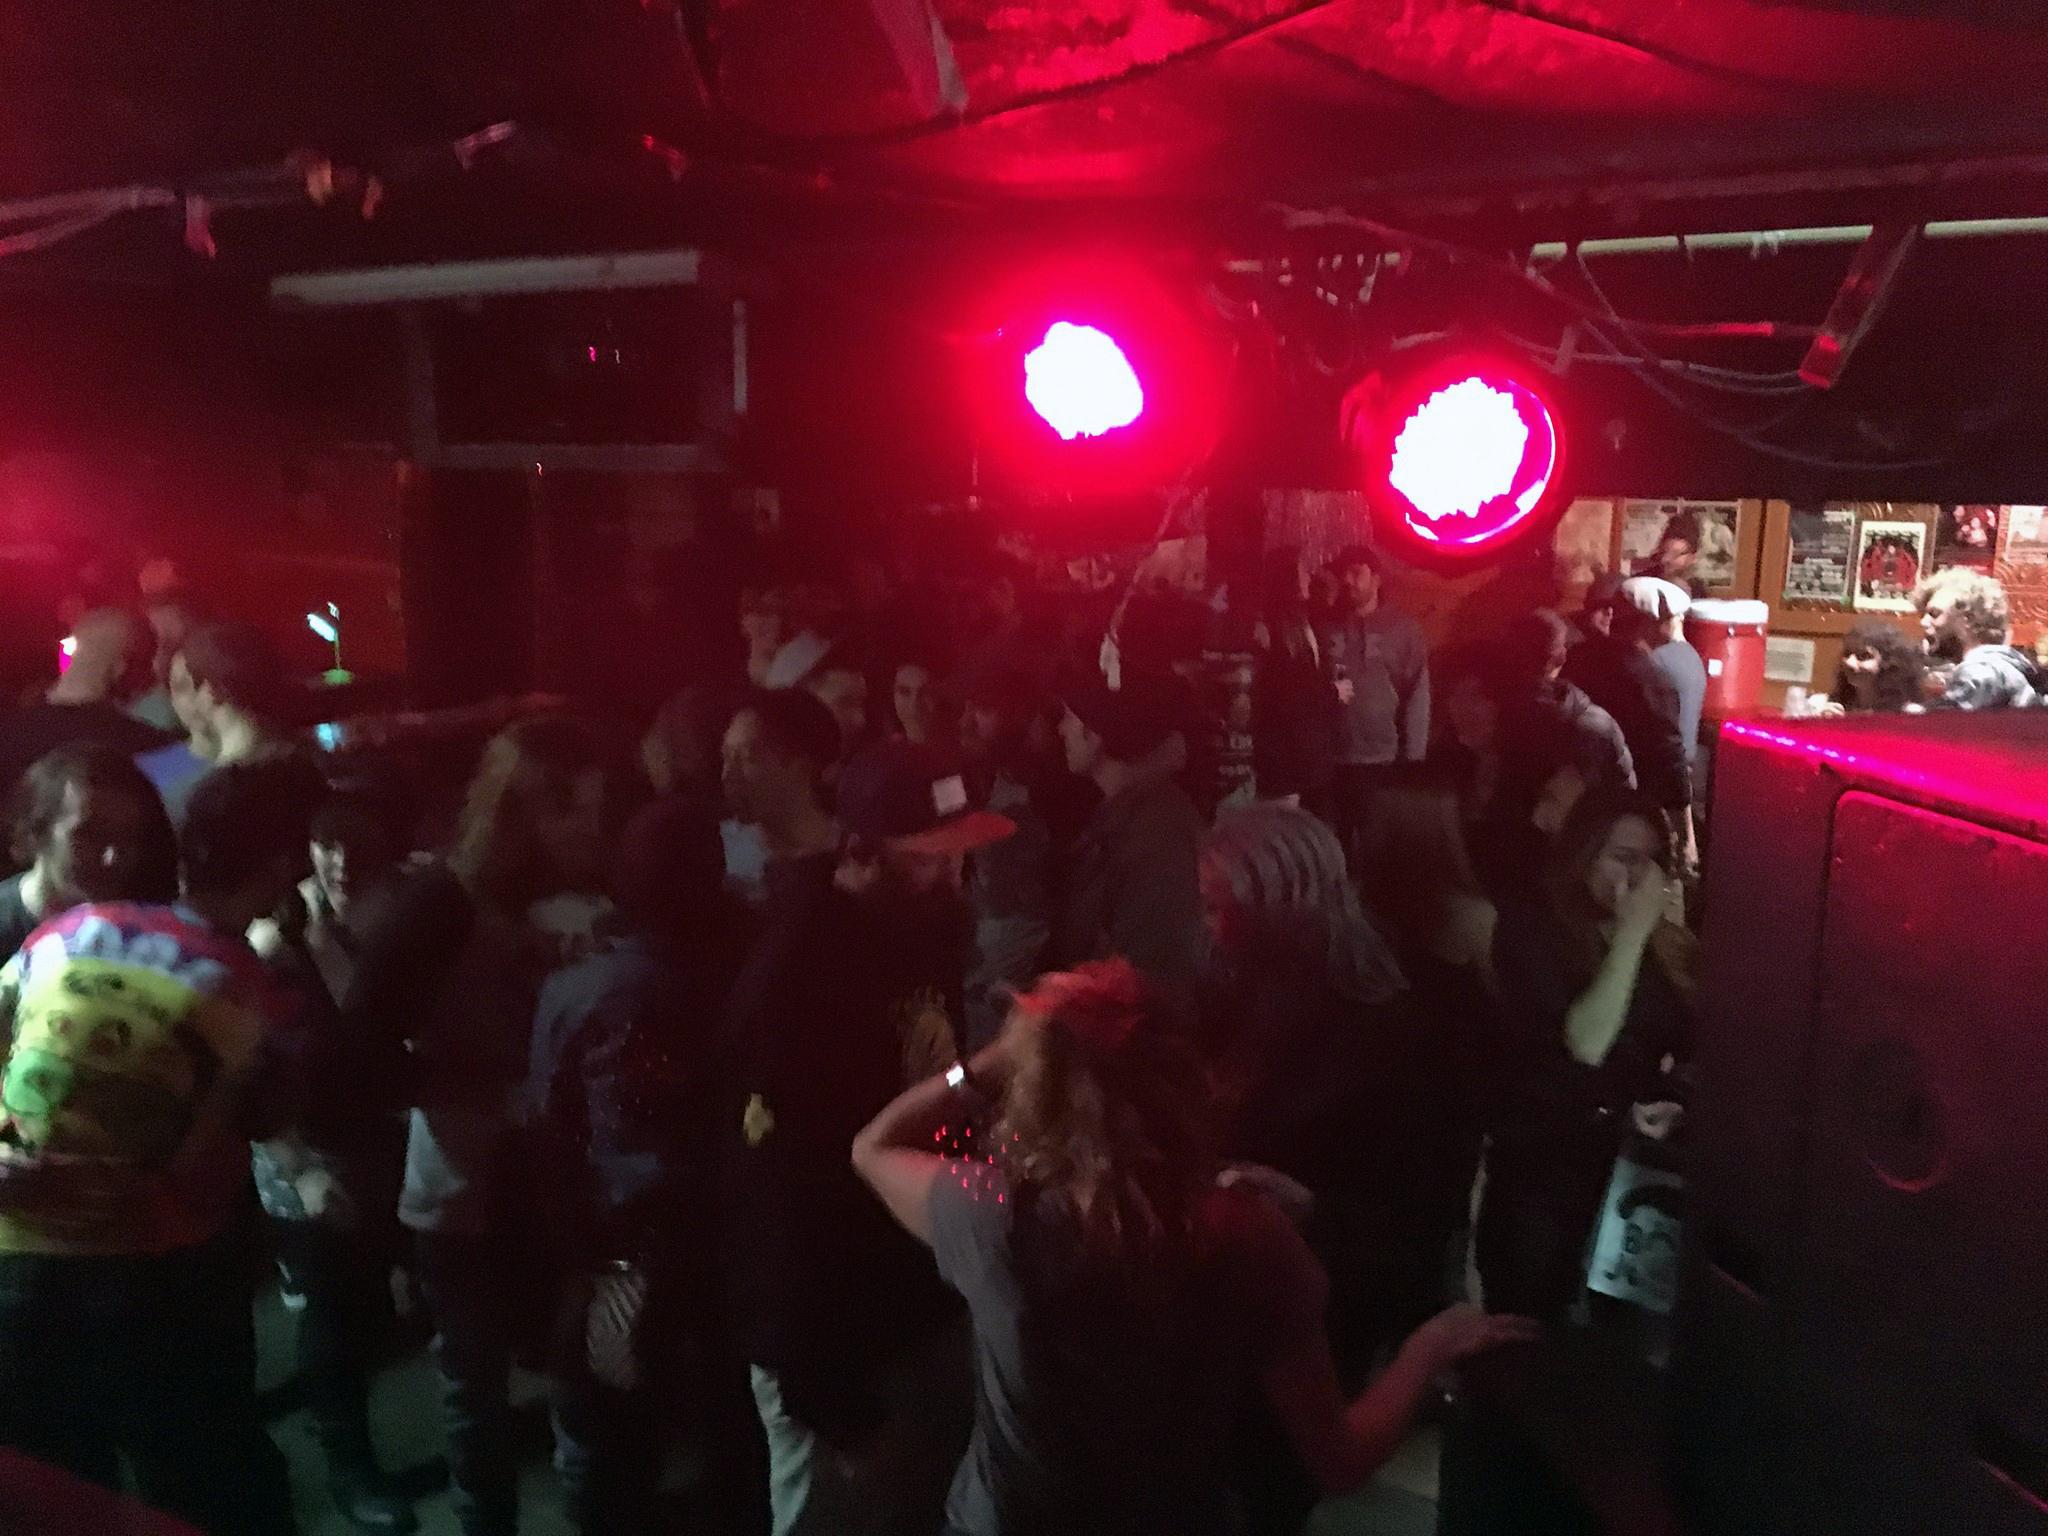 Kajunga @ Club Underground // 04.09.16